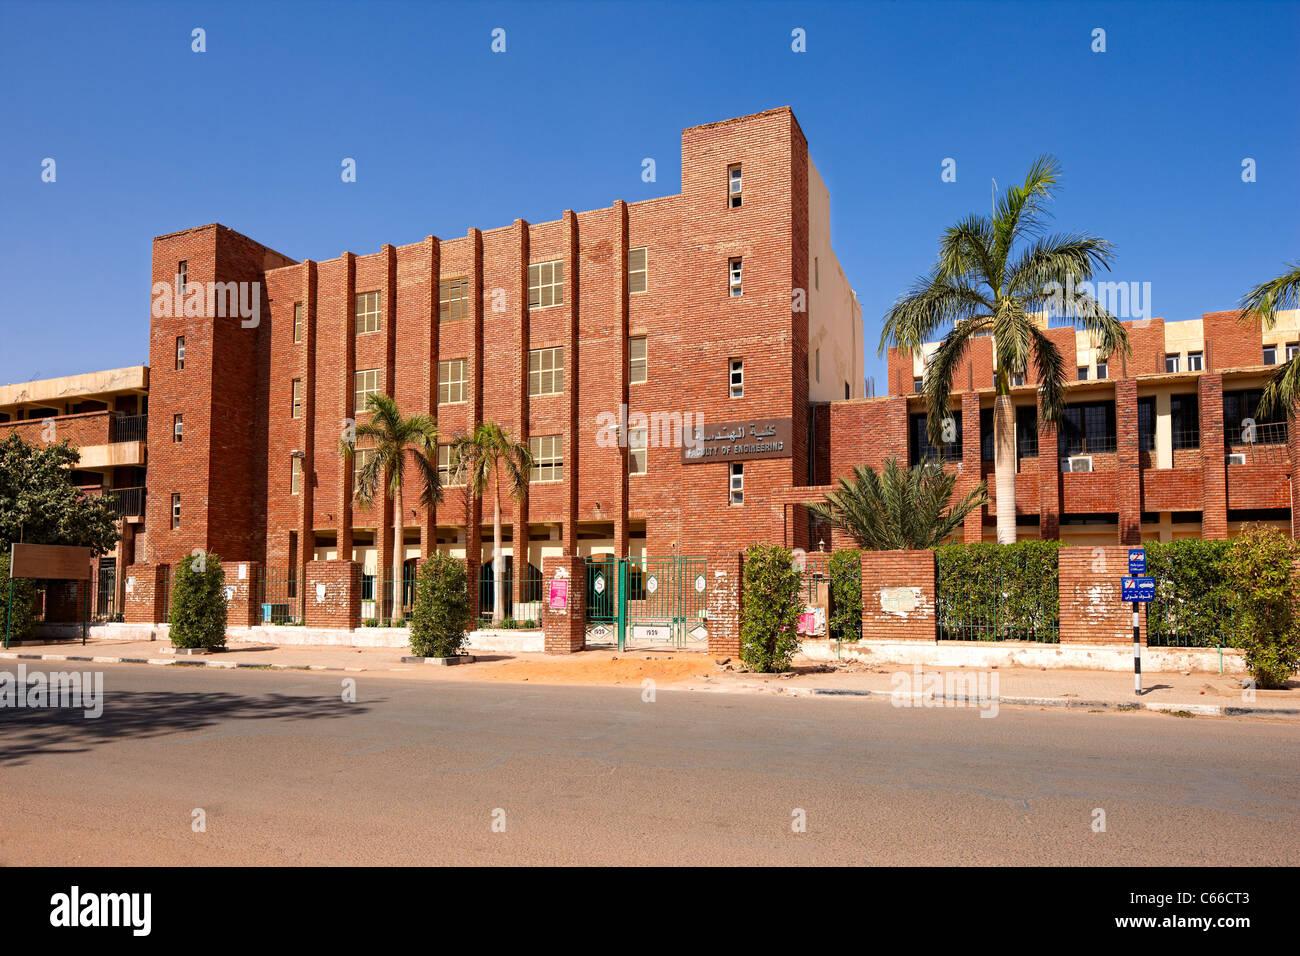 Facoltà di Ingegneria edificio, Università di Khartum, Khartoum, Sudan settentrionale, Africa Immagini Stock